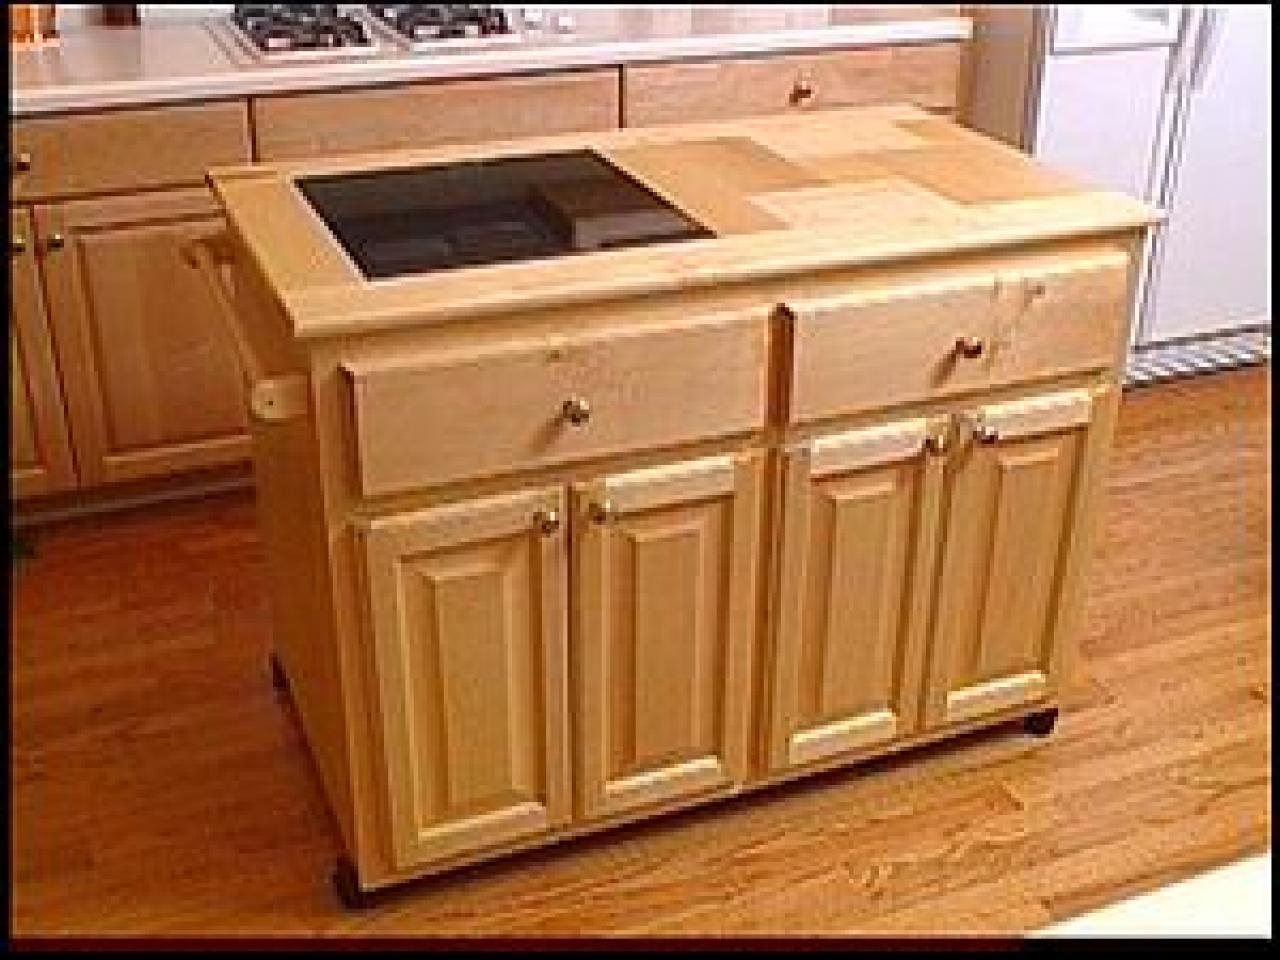 Bauen Sie Ihre Eigene Küche Insel Dies ist die neueste Informationen ...